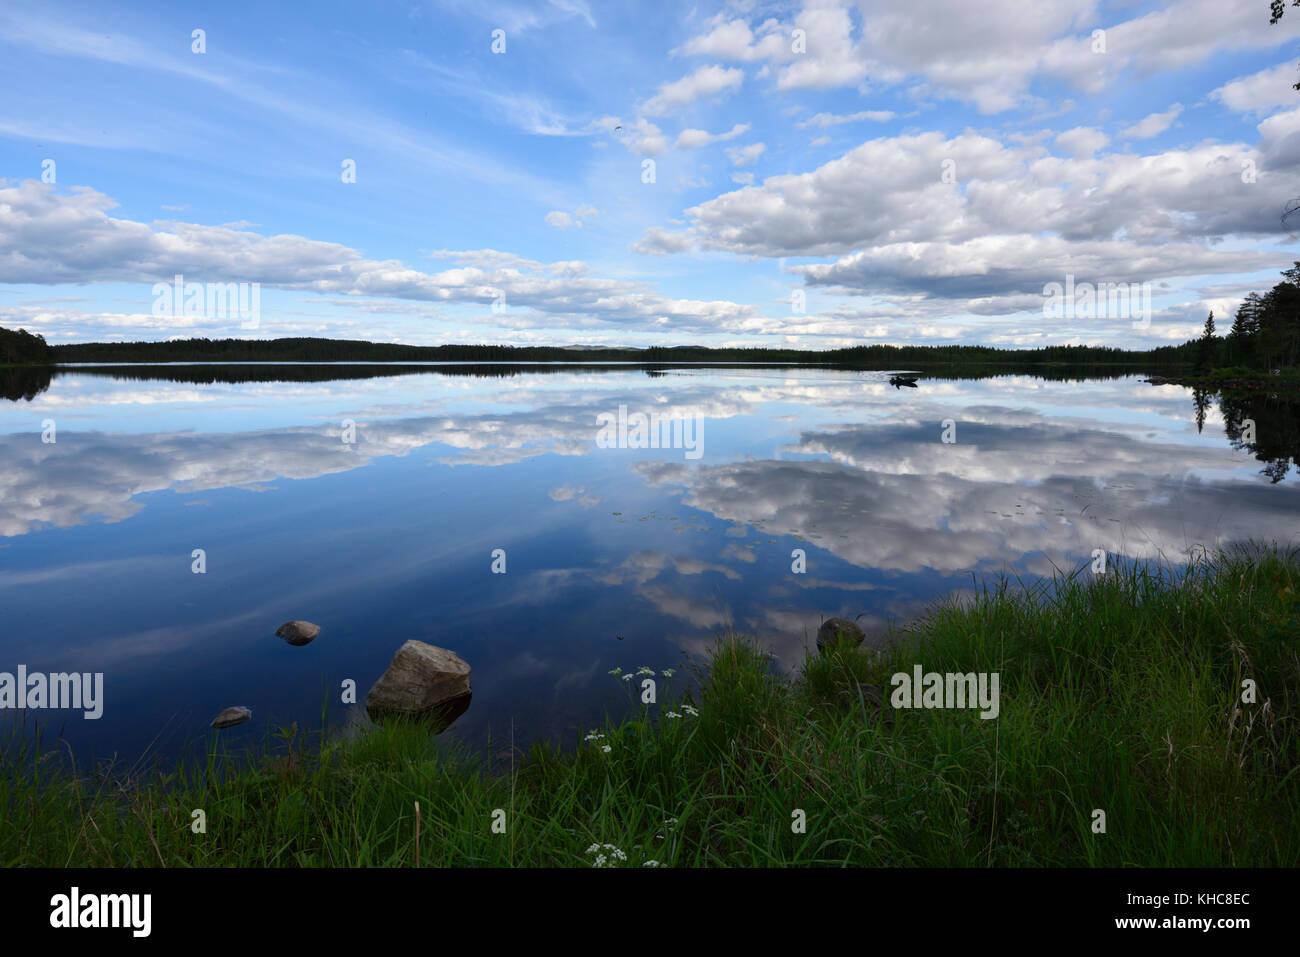 Lake, Örklingen, clouds, forest, reflections, Johannisholm, Mora kommun, Dalarna county, Sweden *** Local Caption - Stock Image